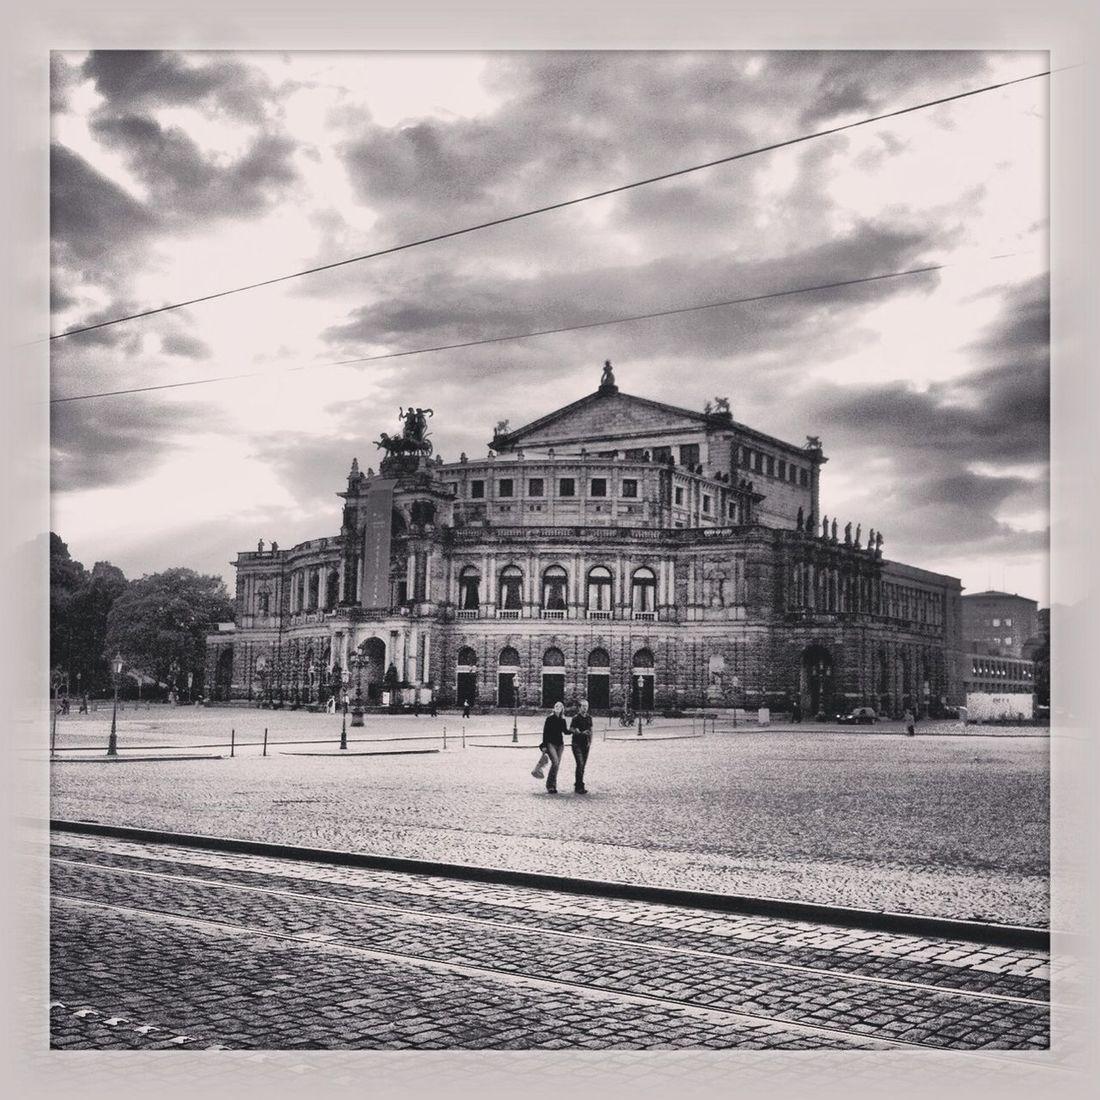 Blackandwhite Semperoper History Through The Lens  Dresden - Barock Statt Beton